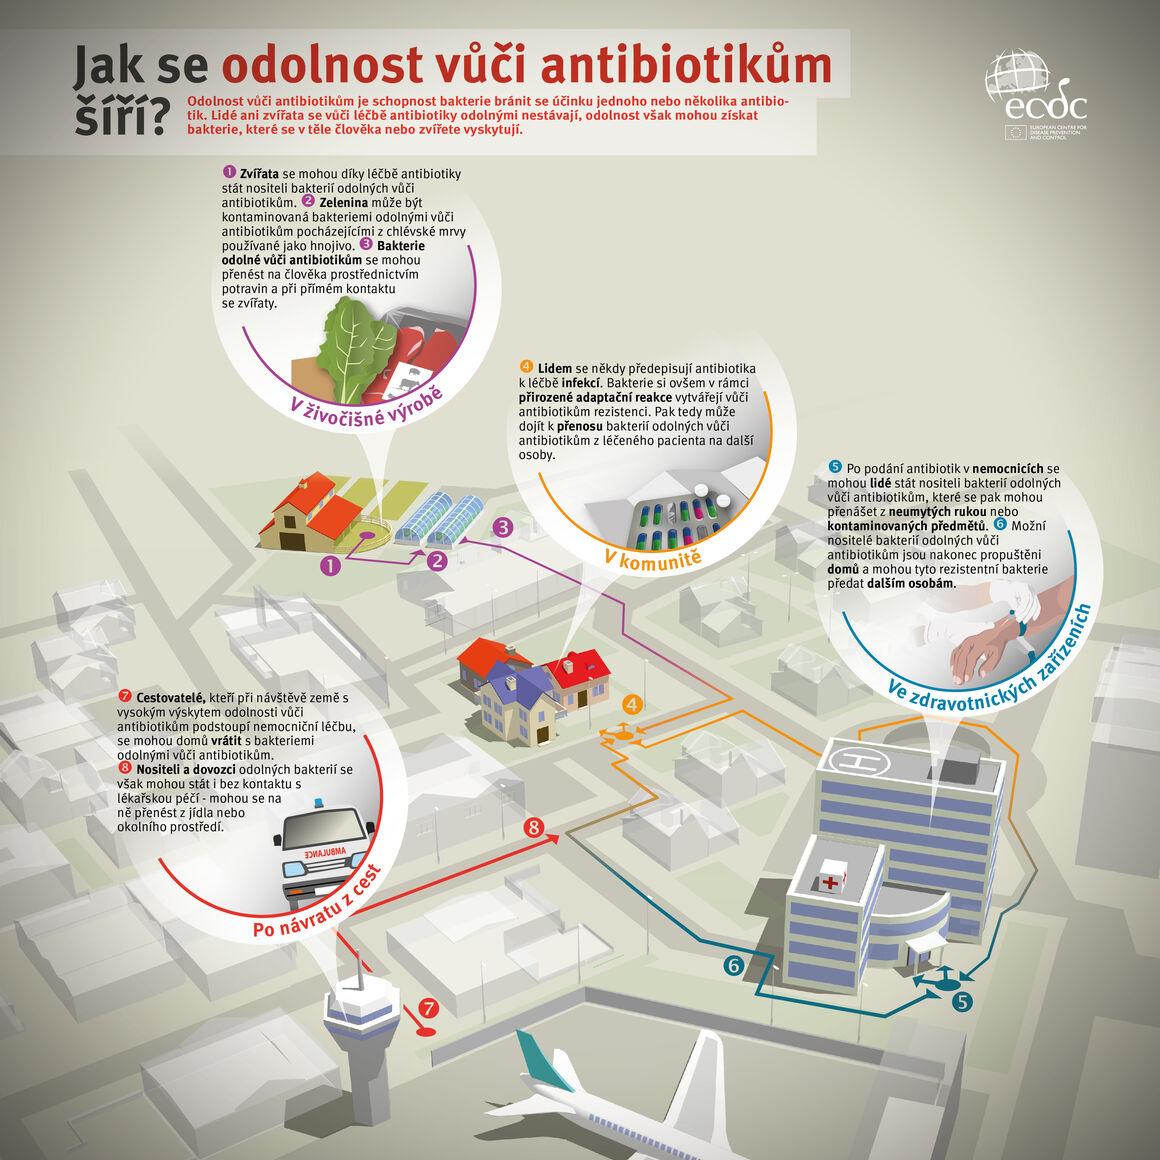 Jak se odolnost vůči antibiotikům šíří?